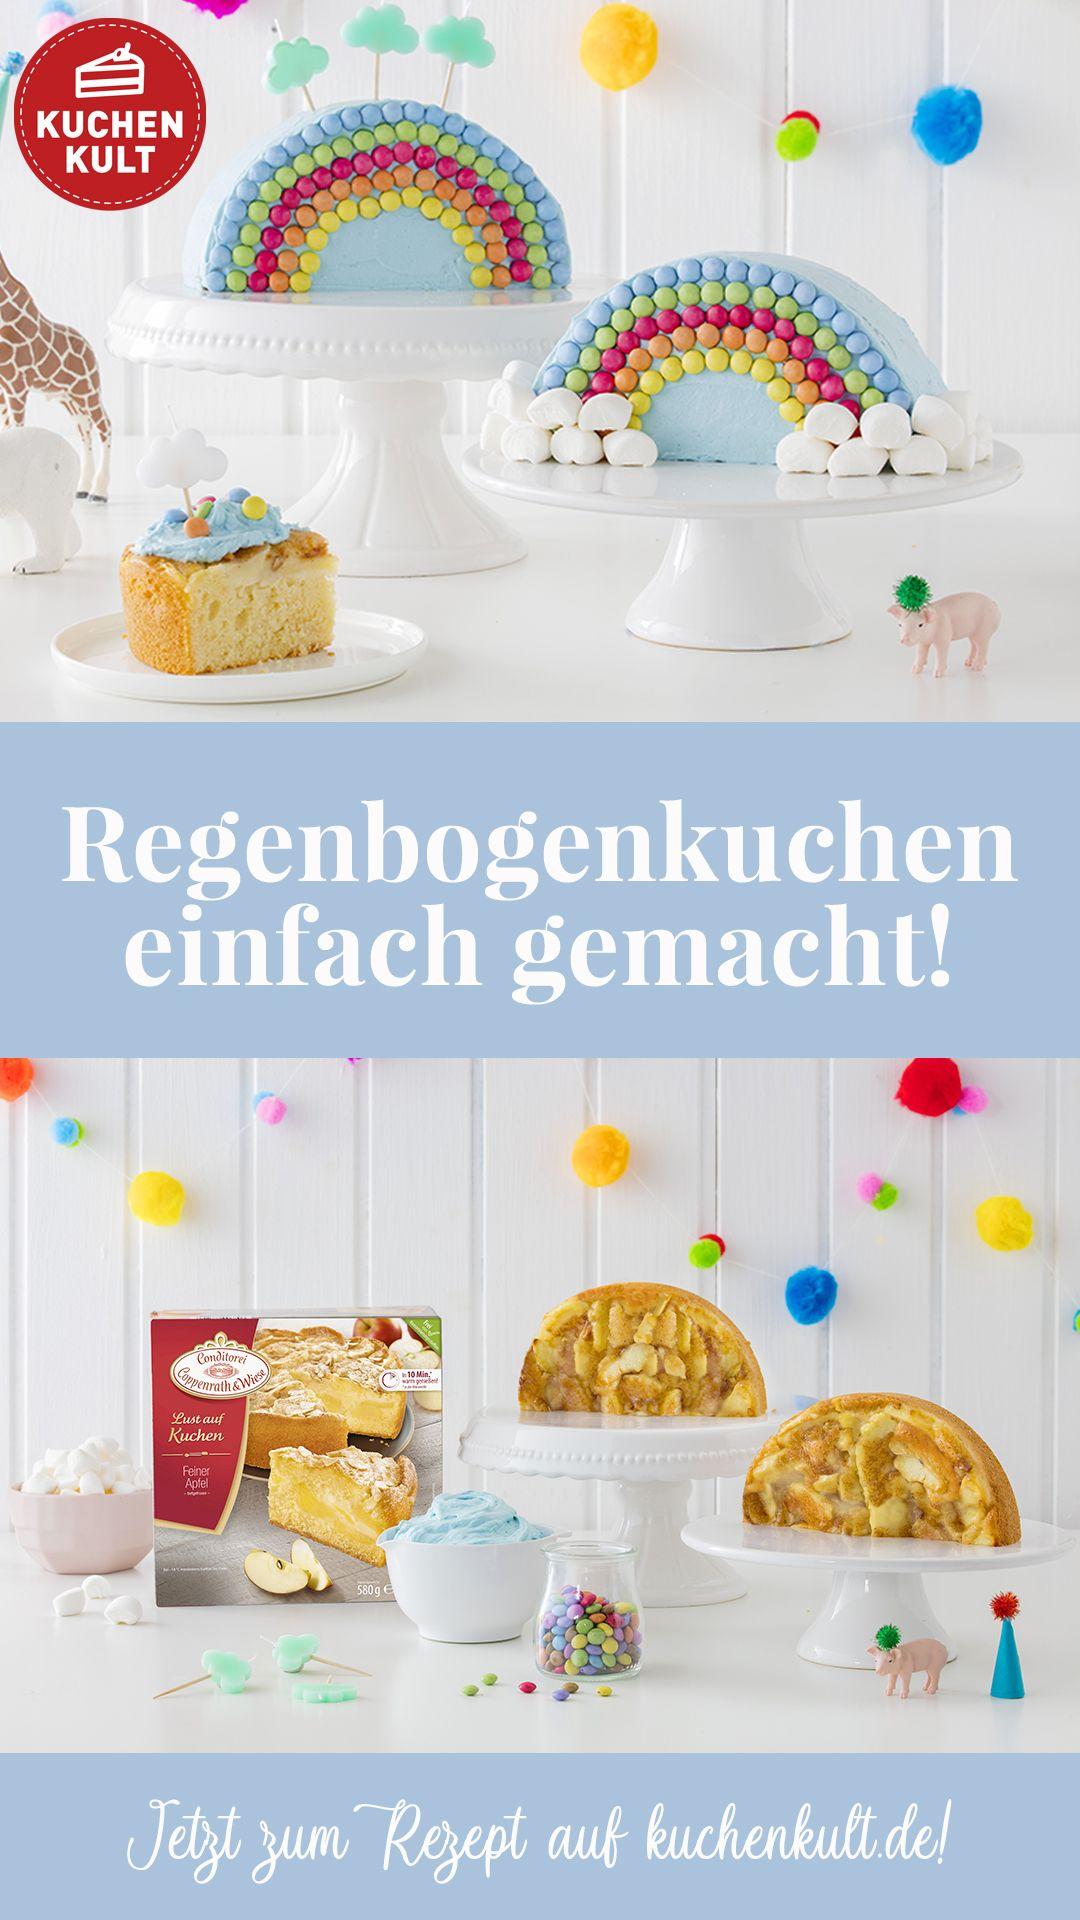 Regenbogenkuchen Leicht Mit Kindern Zu Verzieren In 2020 Kuchen Kindergeburtstag Kinder Geburtstag Essen Kindergeburtstag Essen